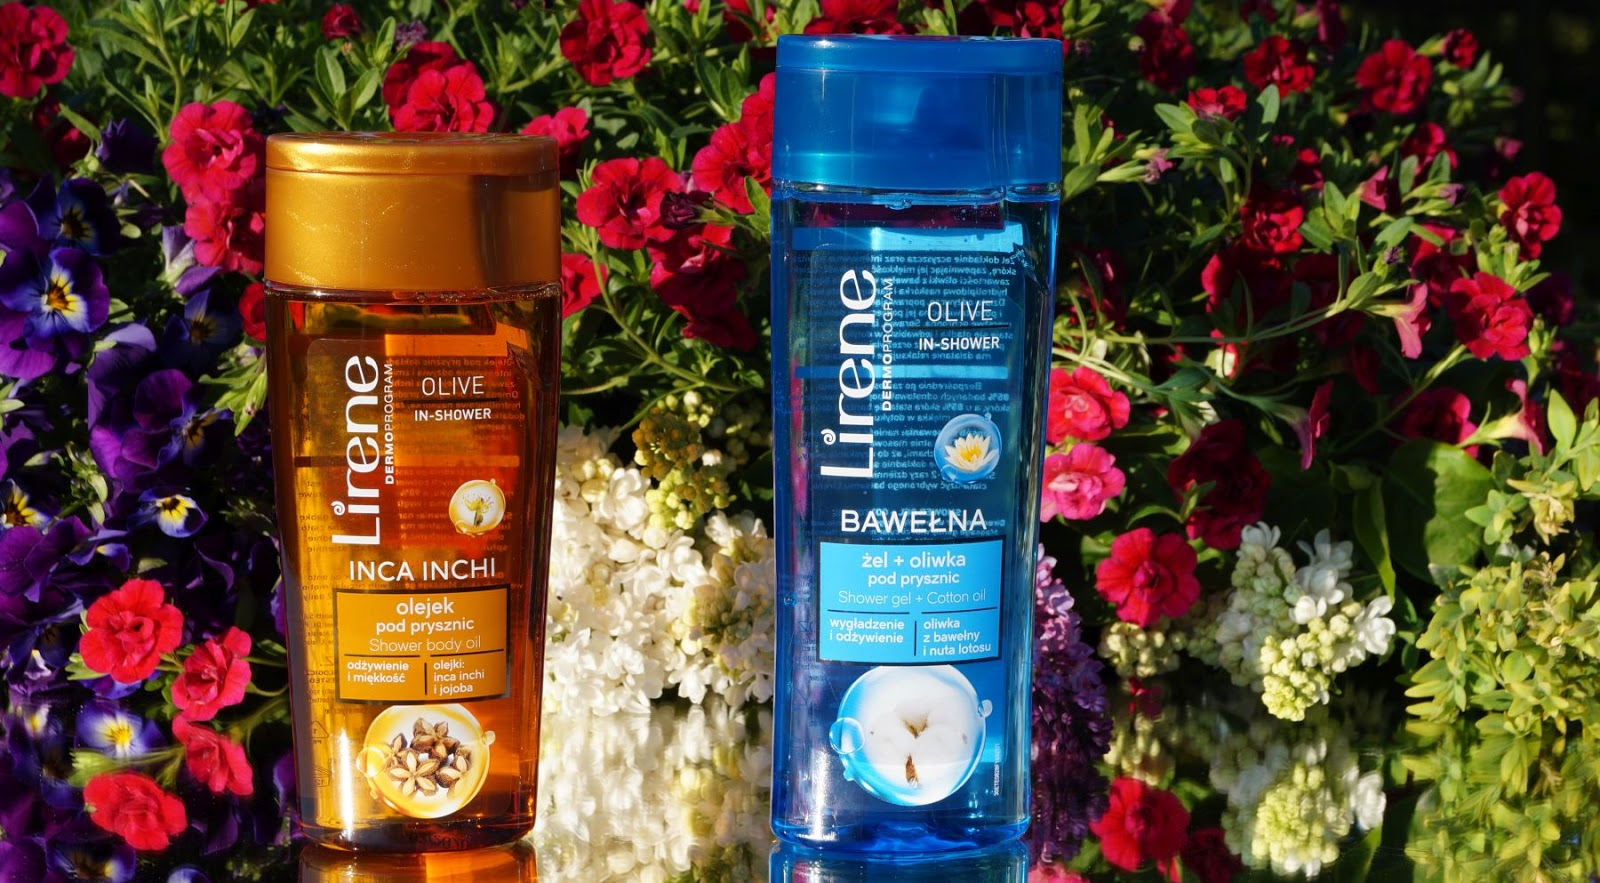 kosmetyk pod prysznic, oczyszczanie, łazienka, pielęgnacja,